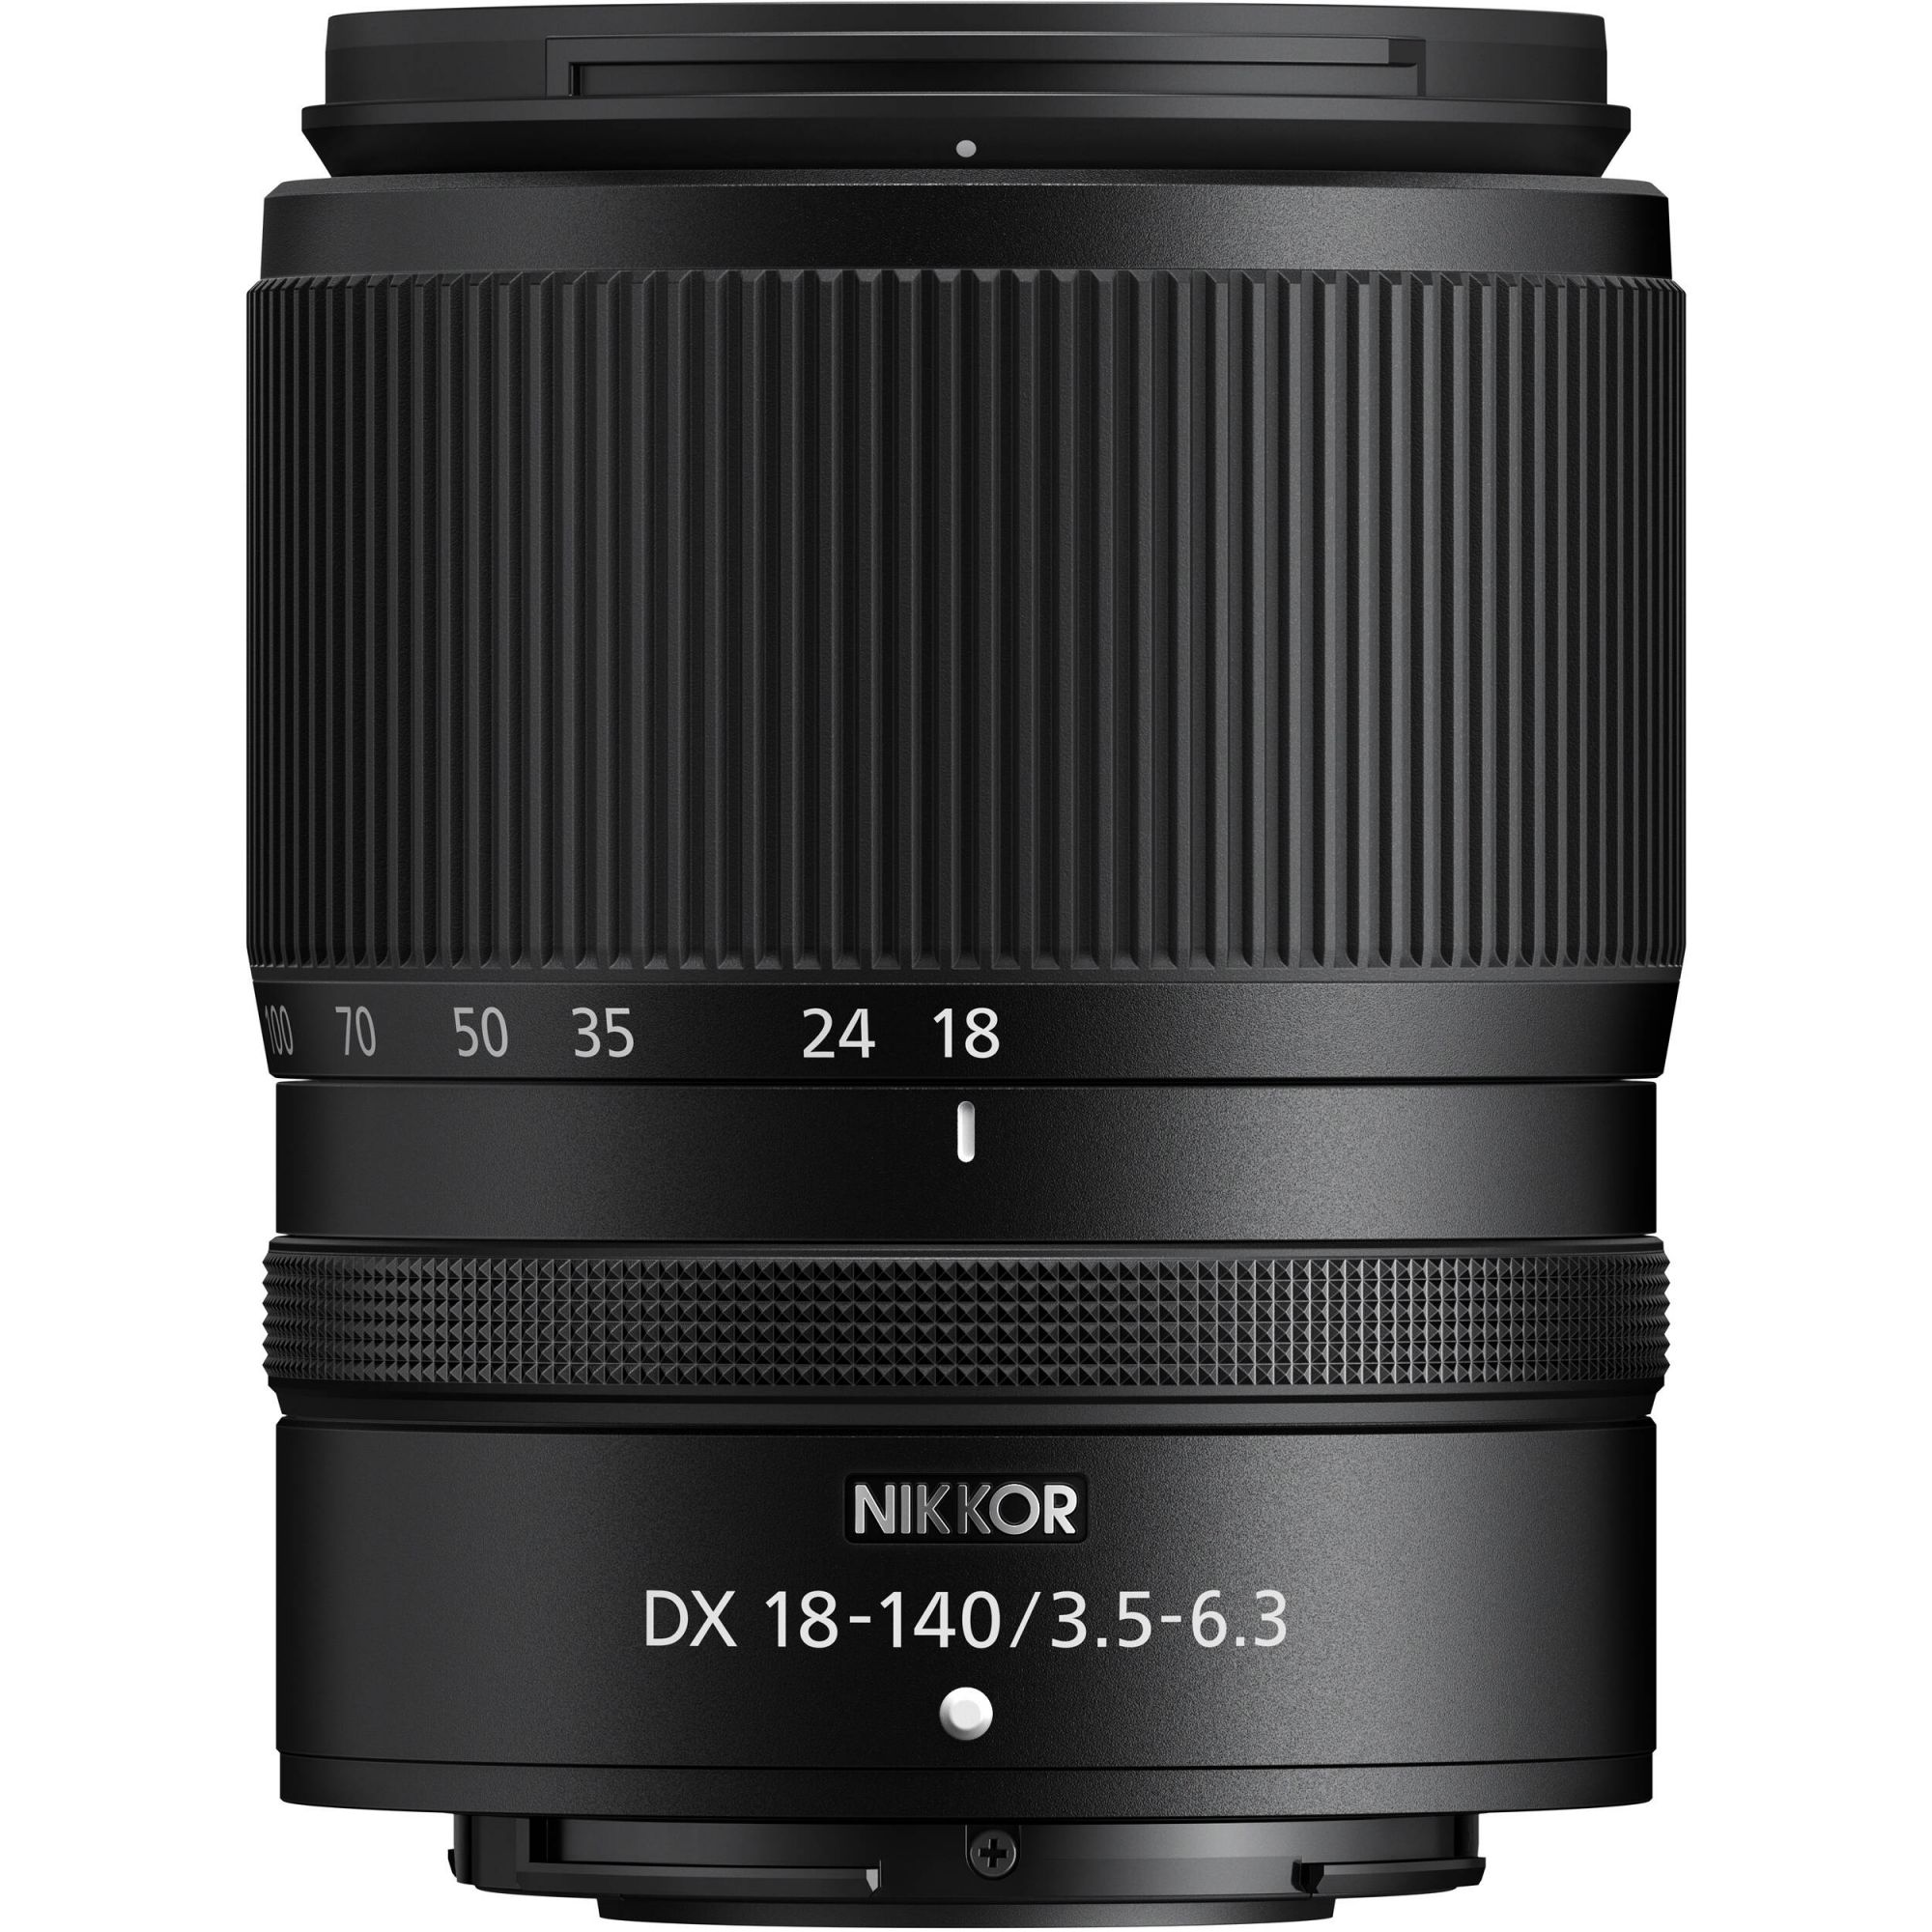 Nikon Z DX 18-140 mm f/3.5-6.3 VR